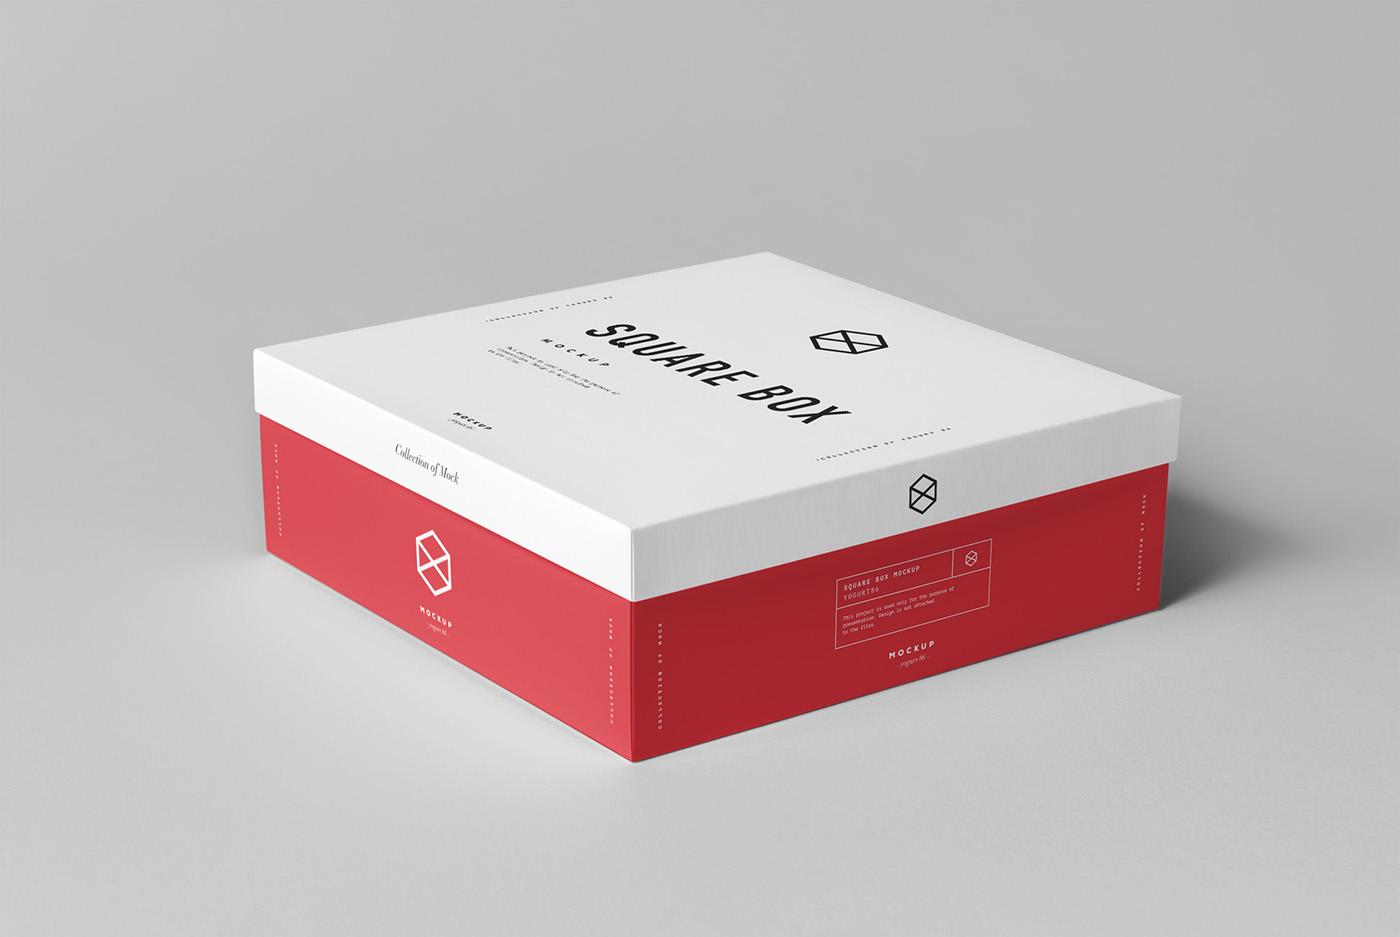 高質感的24套鞋盒包裝設計欣賞